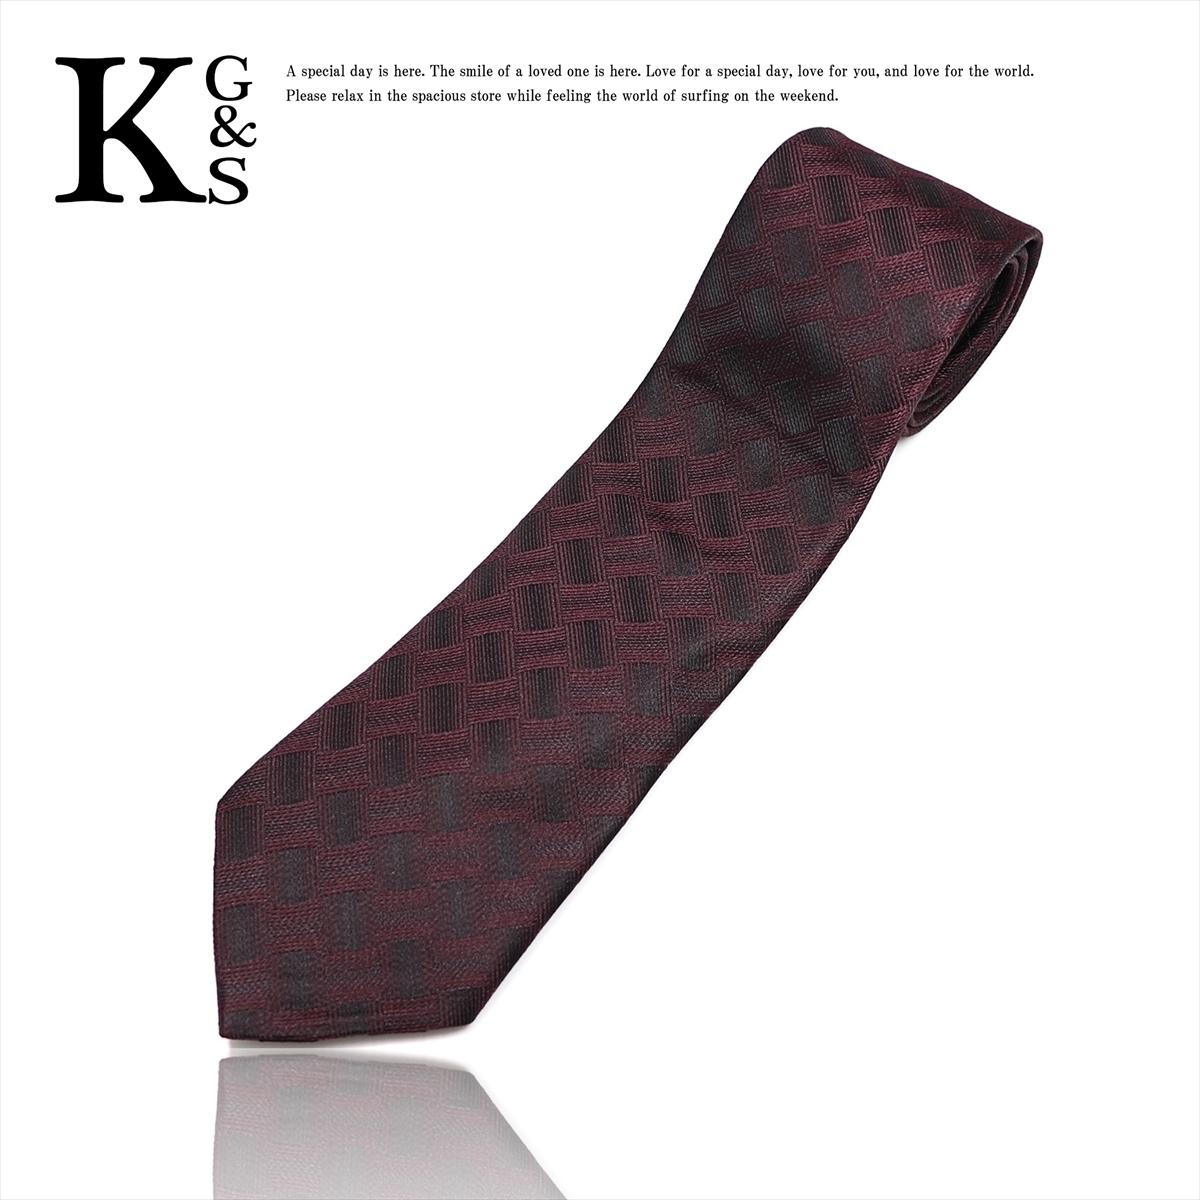 Bottega Veneta Intrecciato Cravat Silk Bordeaux